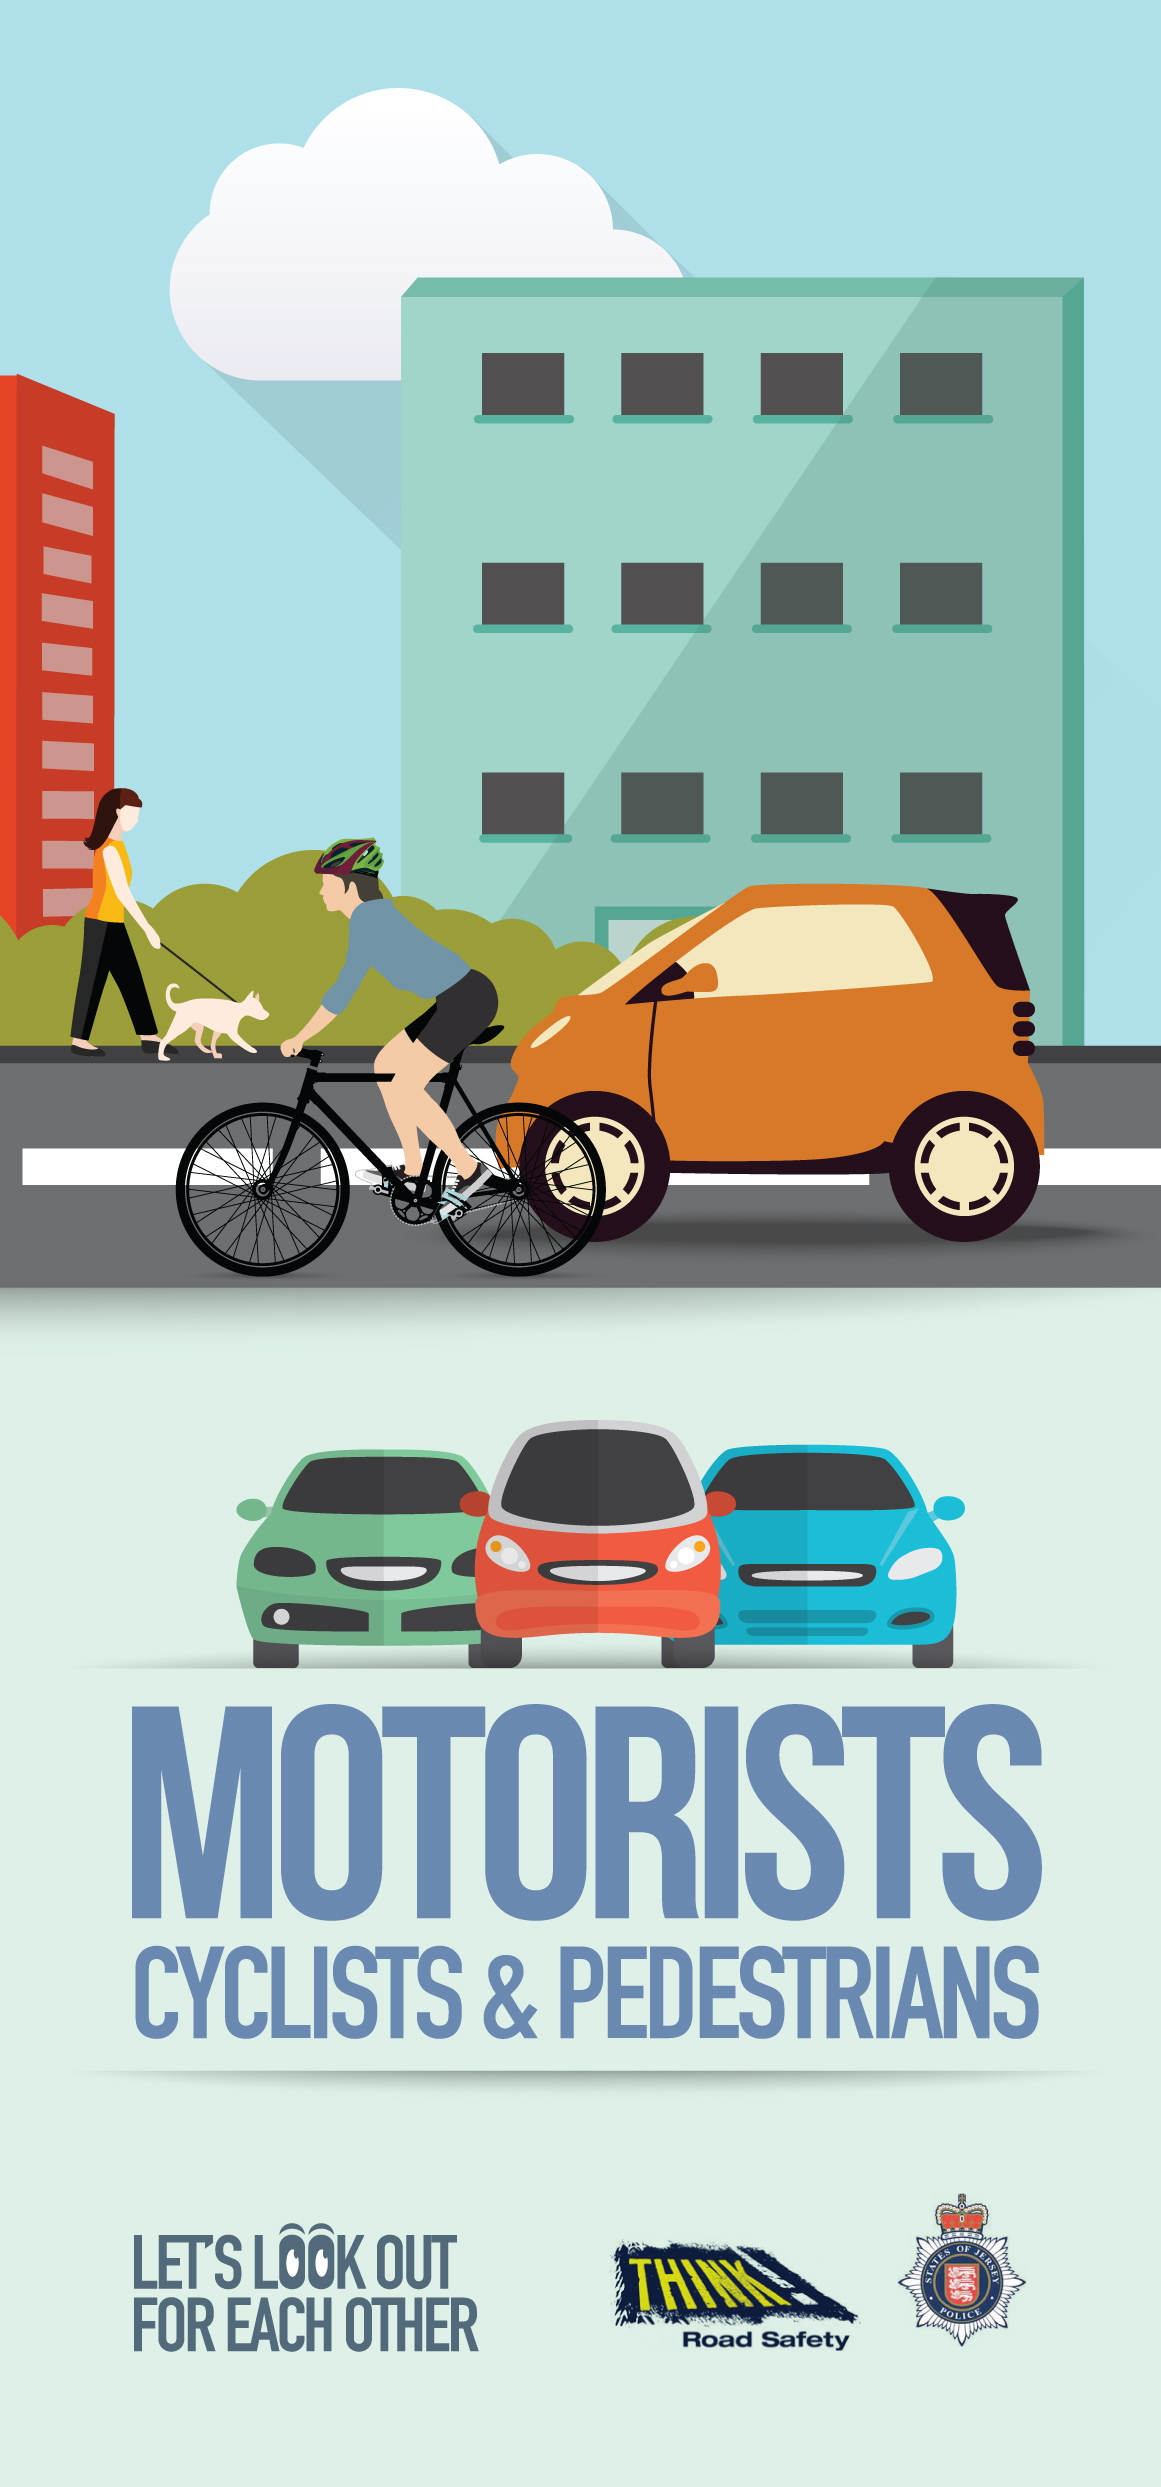 Motoring